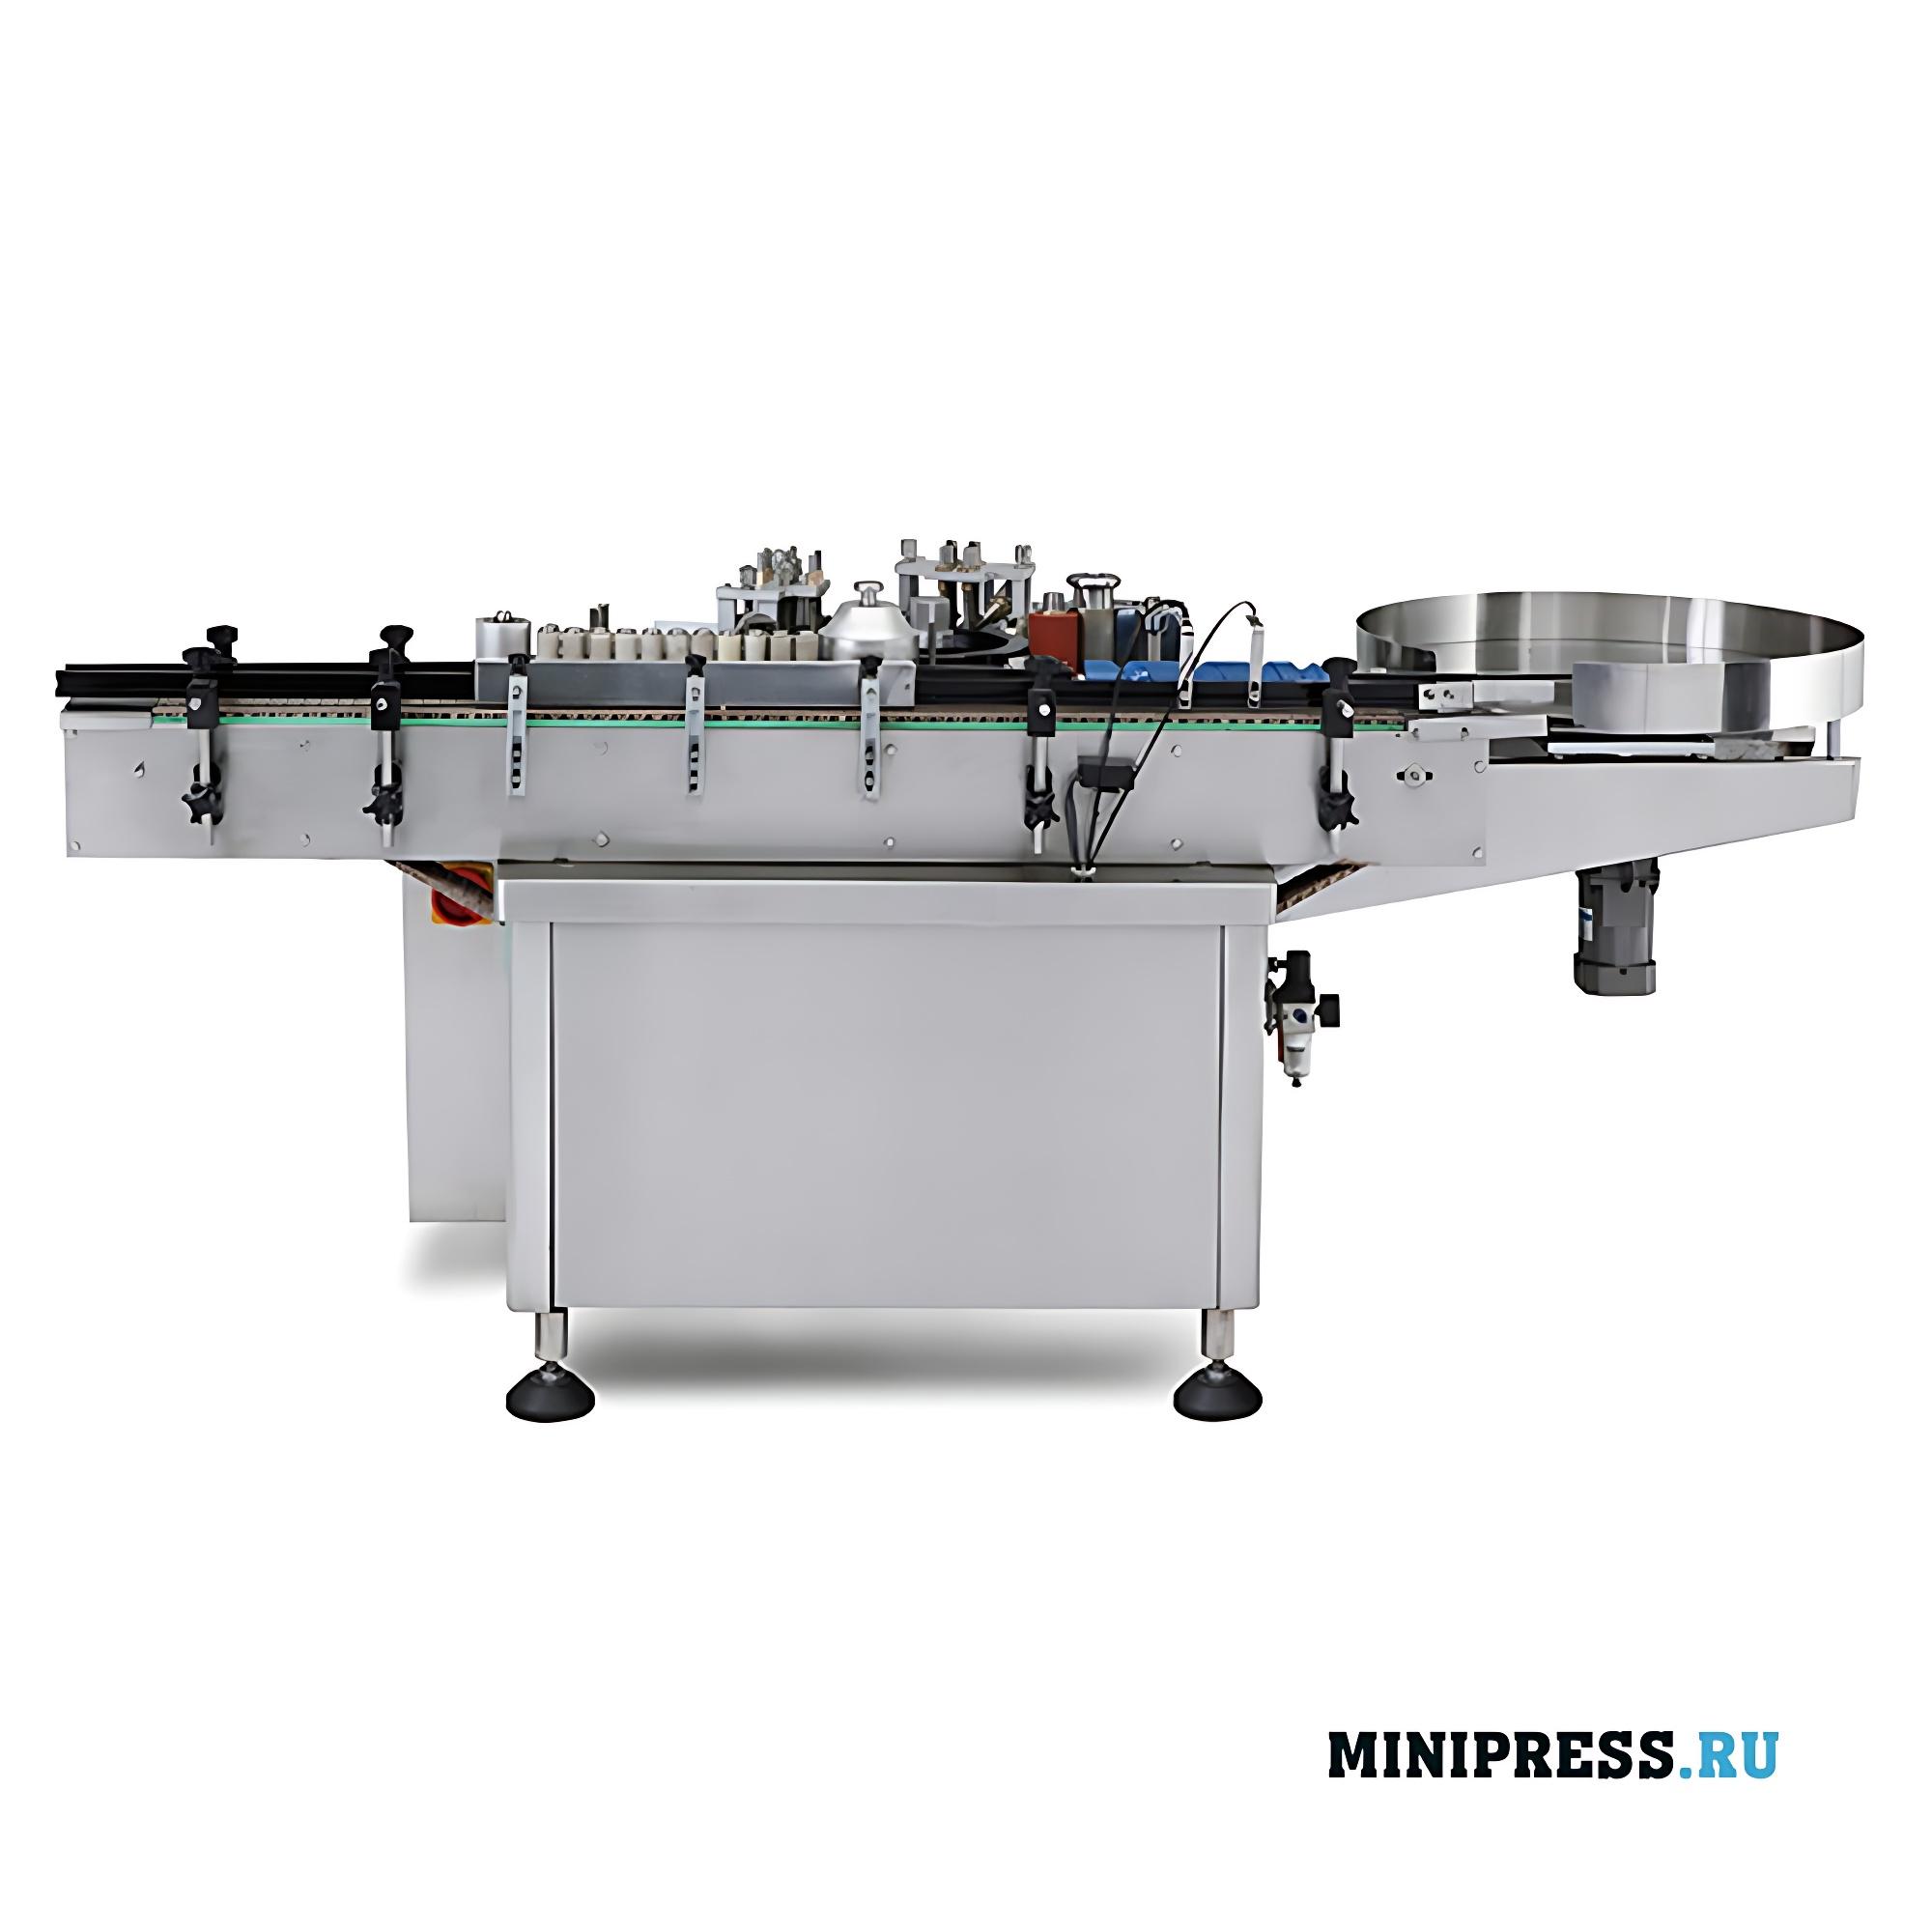 Автоматическое этикетировочное оборудование для этикеток на клеевой основе